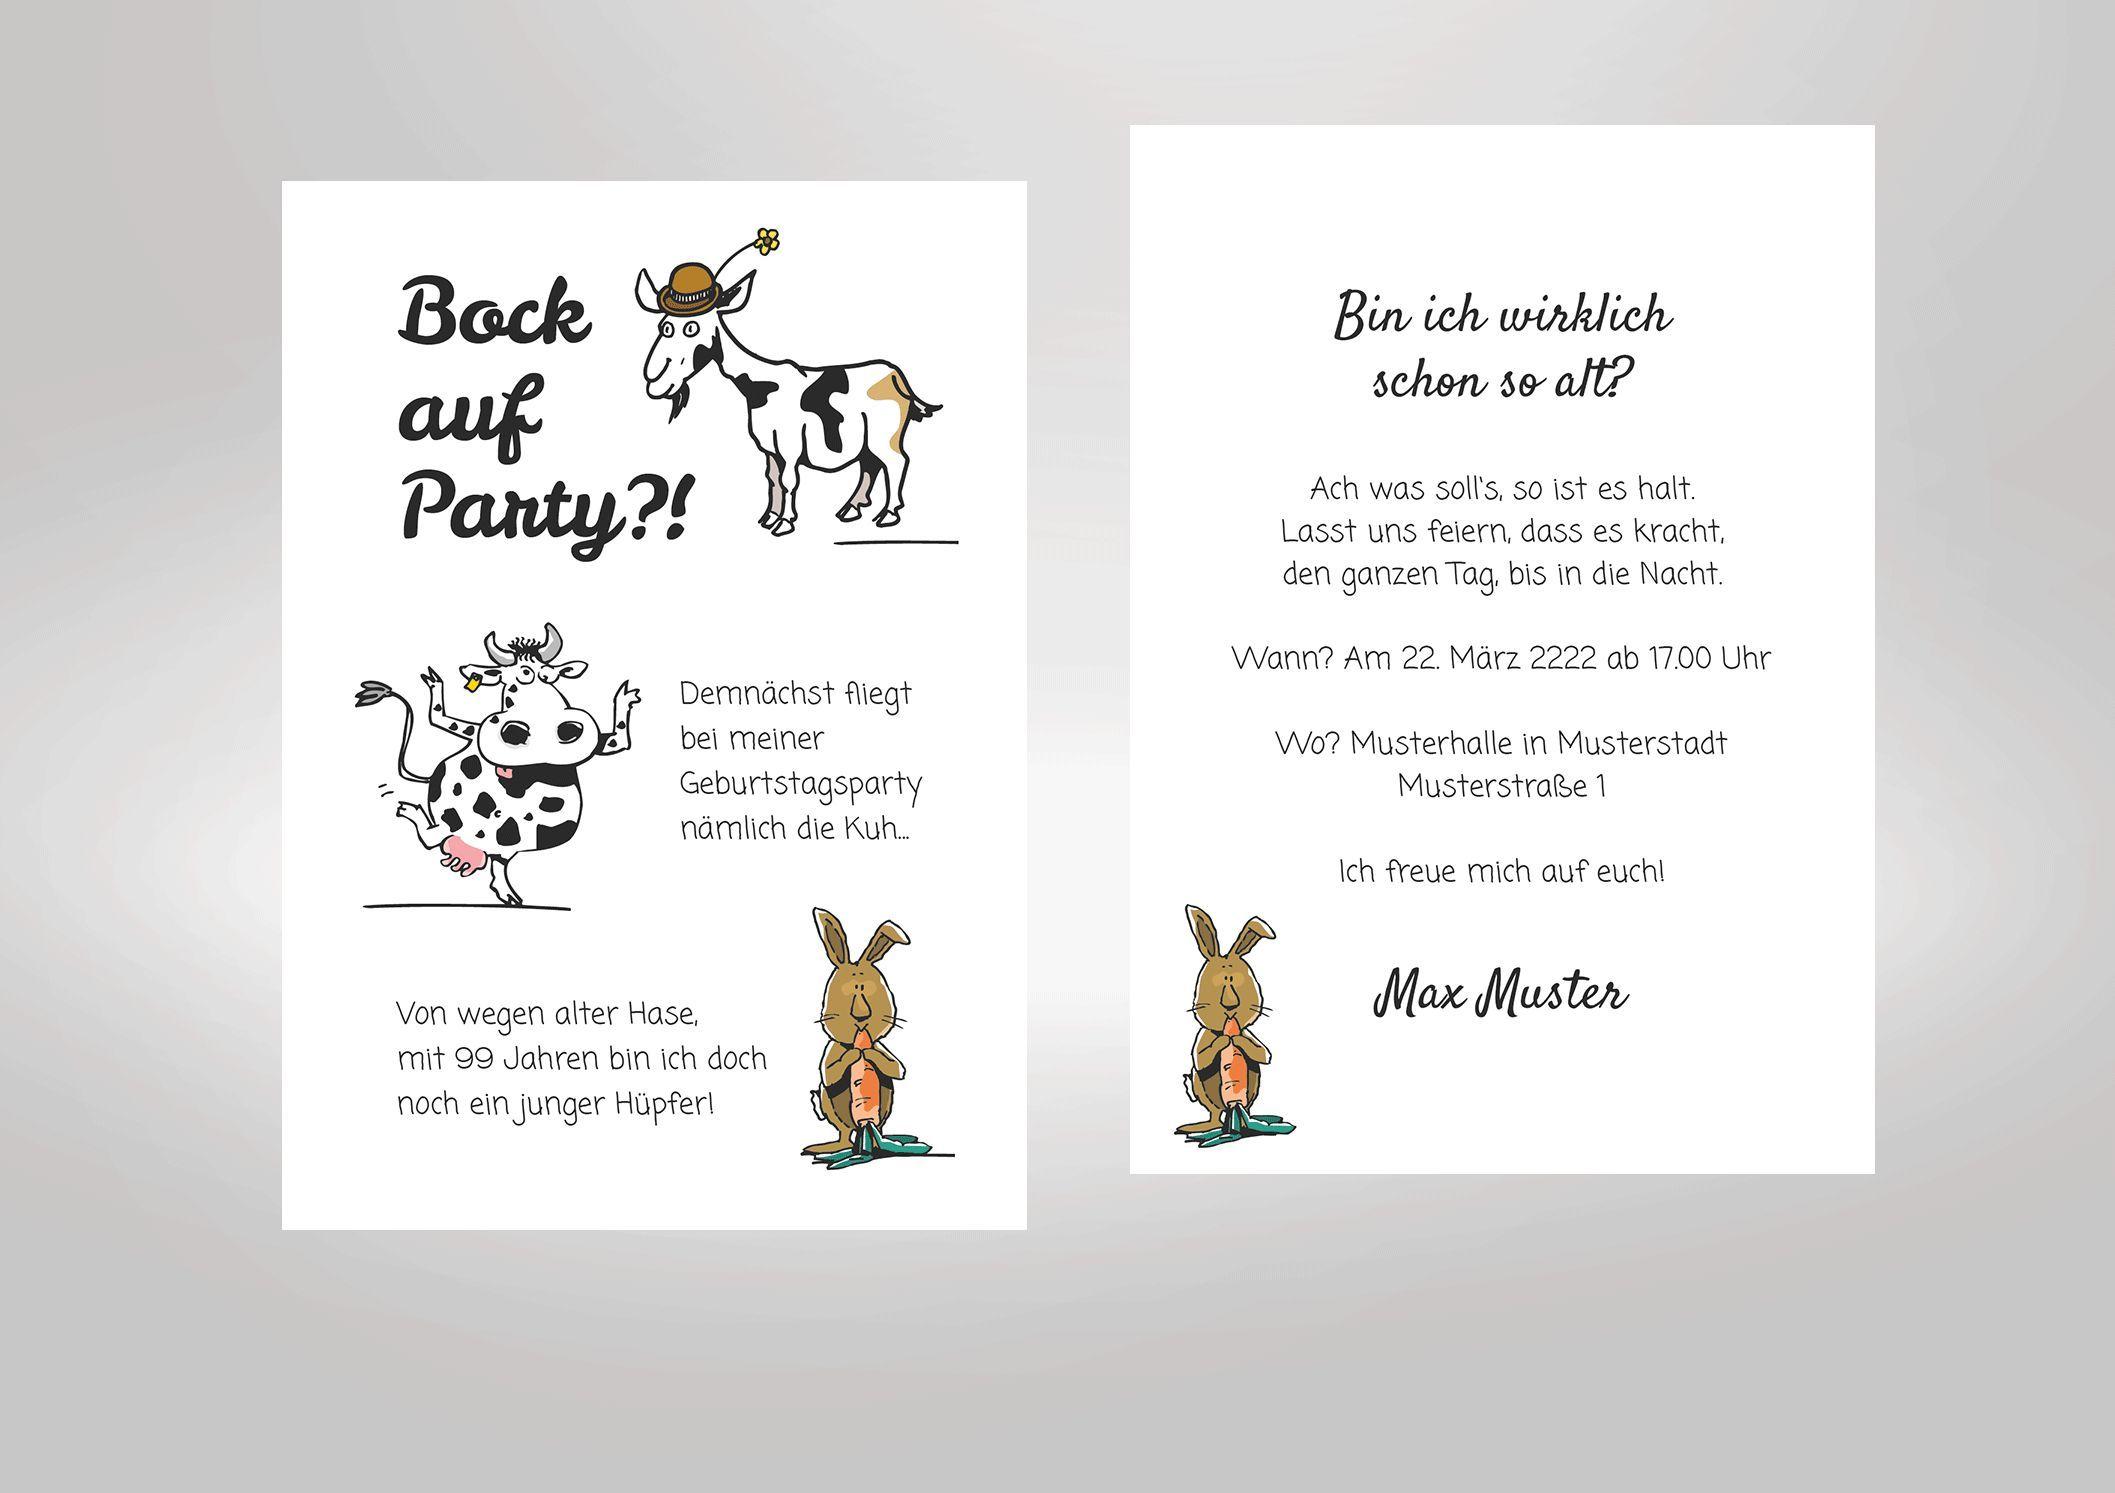 lustige einladungskarten 49. geburtstag   EINLADUNGEN GEBURTSTAG ... - Lustige Einladungskarten Zum 50 Geburtstag